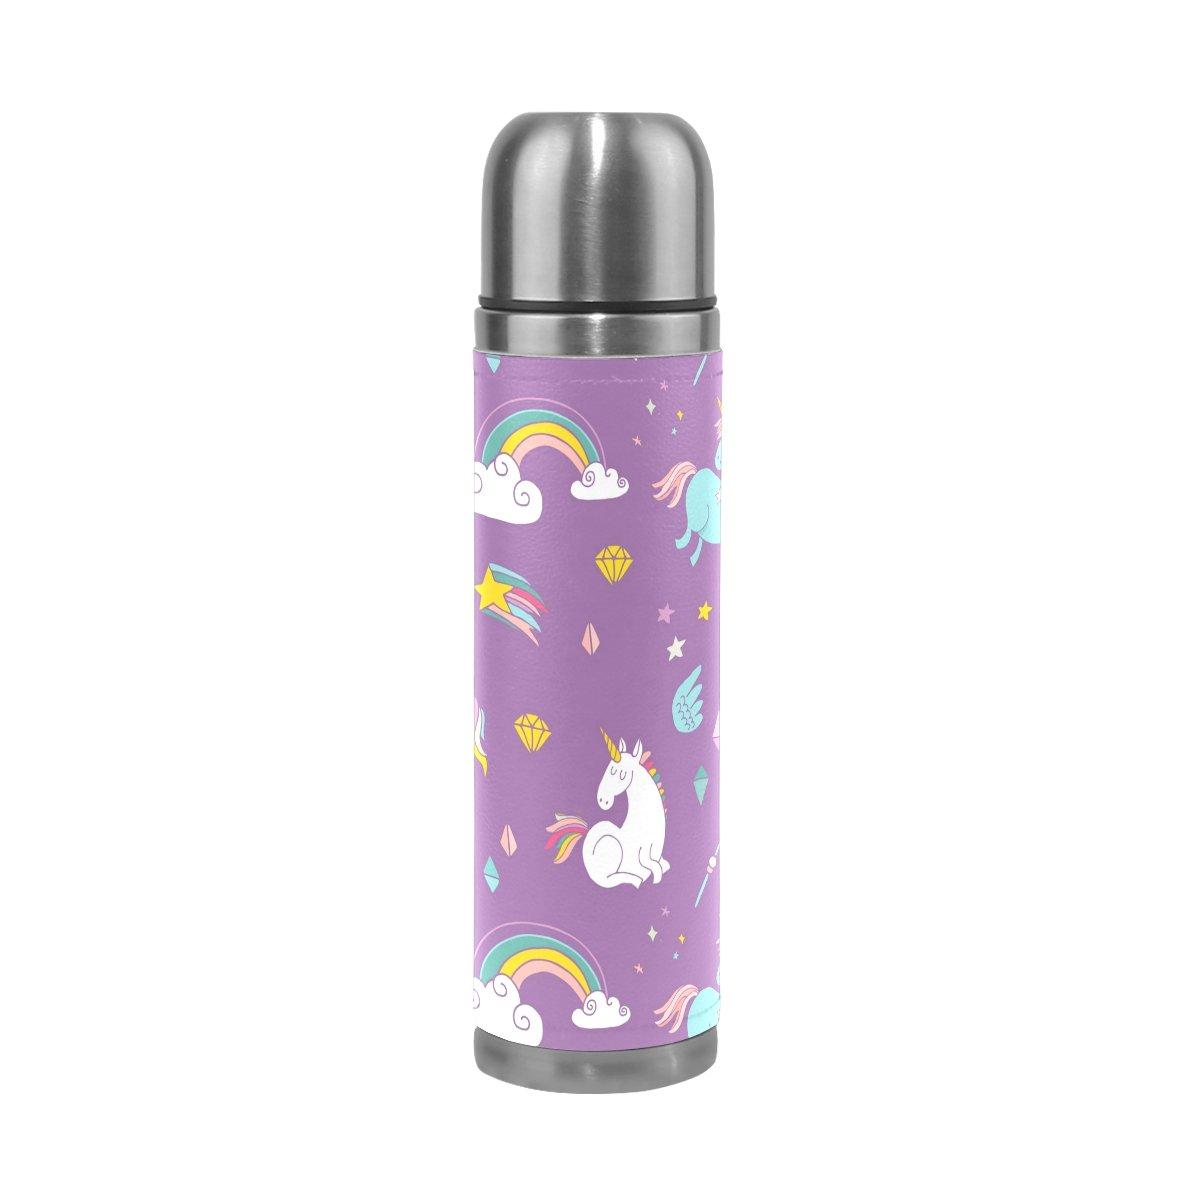 FFY Go Taza de Viaje con dise/ño de Unicornio de Acero Inoxidable a Prueba de Fugas Color Morado 500 ml Botella de Agua aislada Regalo para ni/ños y ni/ñas